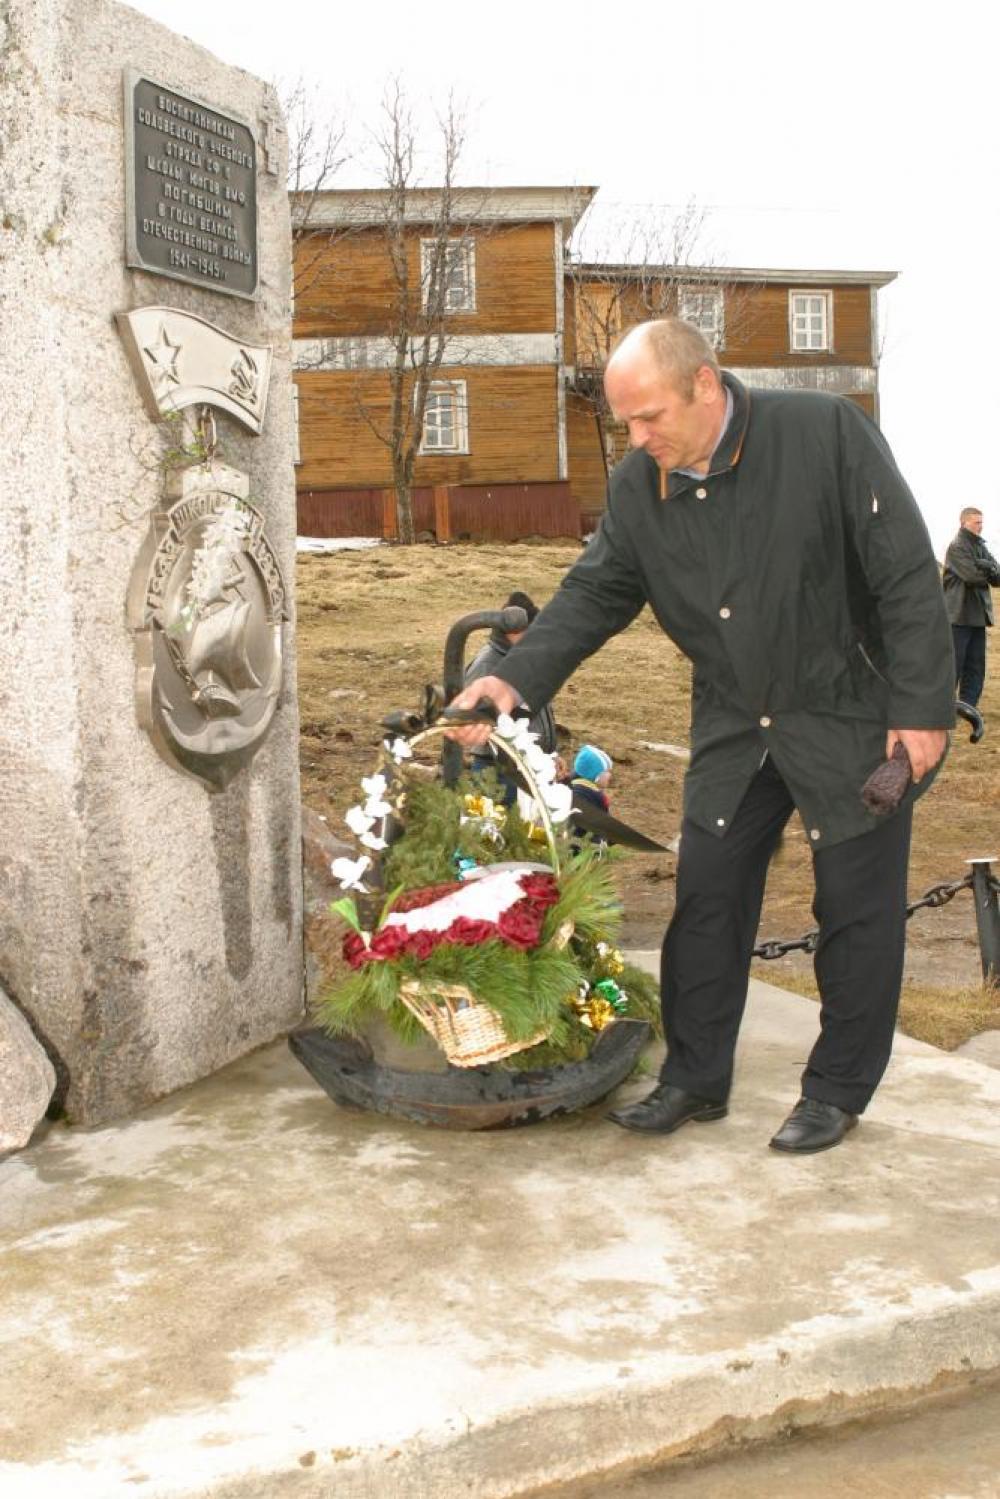 М.В. Лопаткин. Фото 2004 года из архива Соловецкого музея-заповедника.